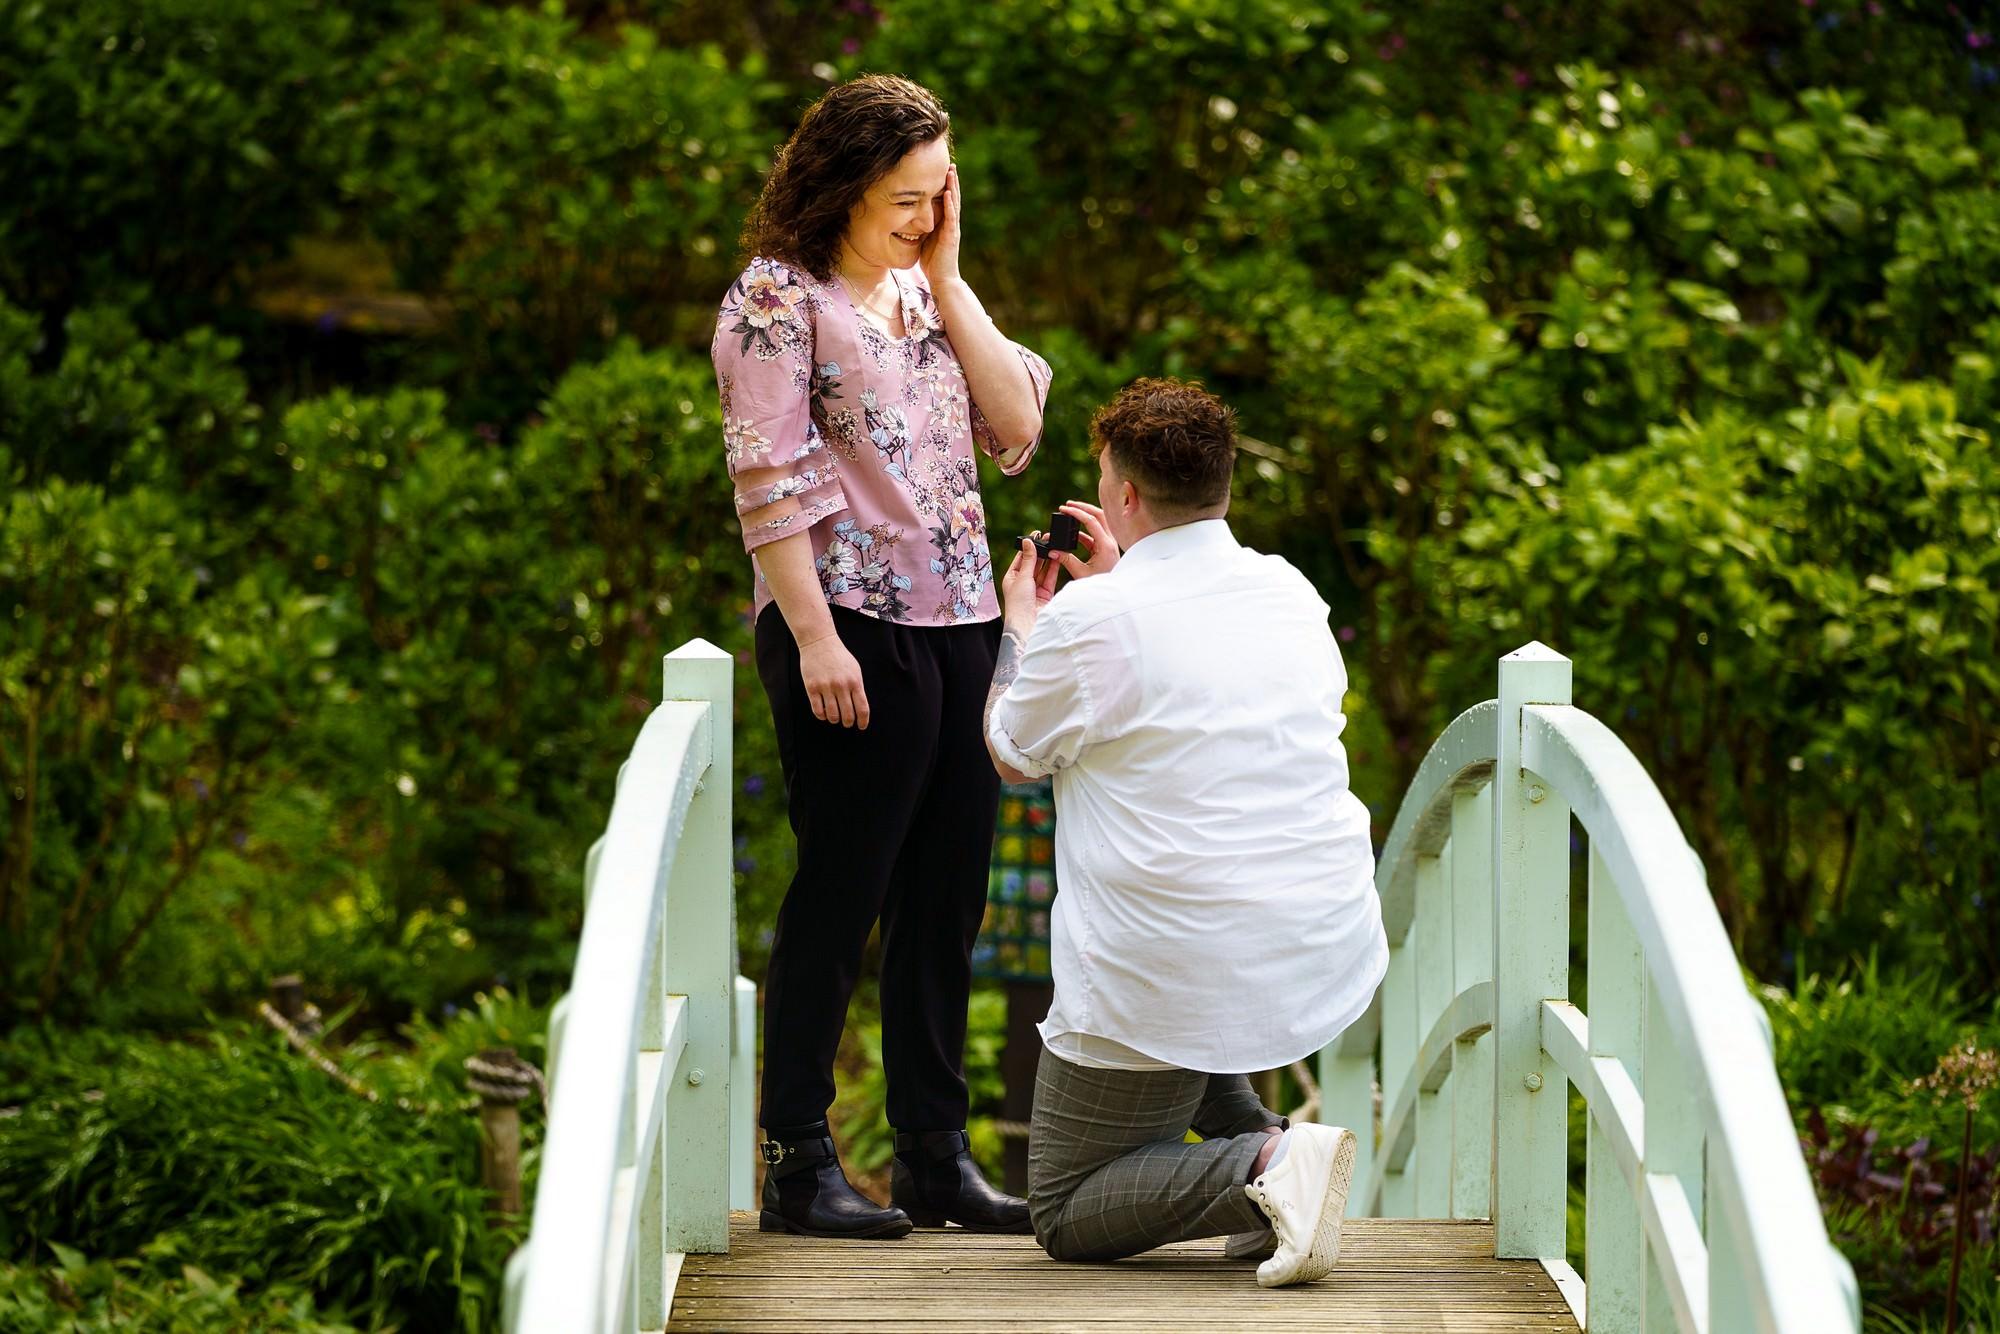 Lbgt wedding proposal in Cornwall